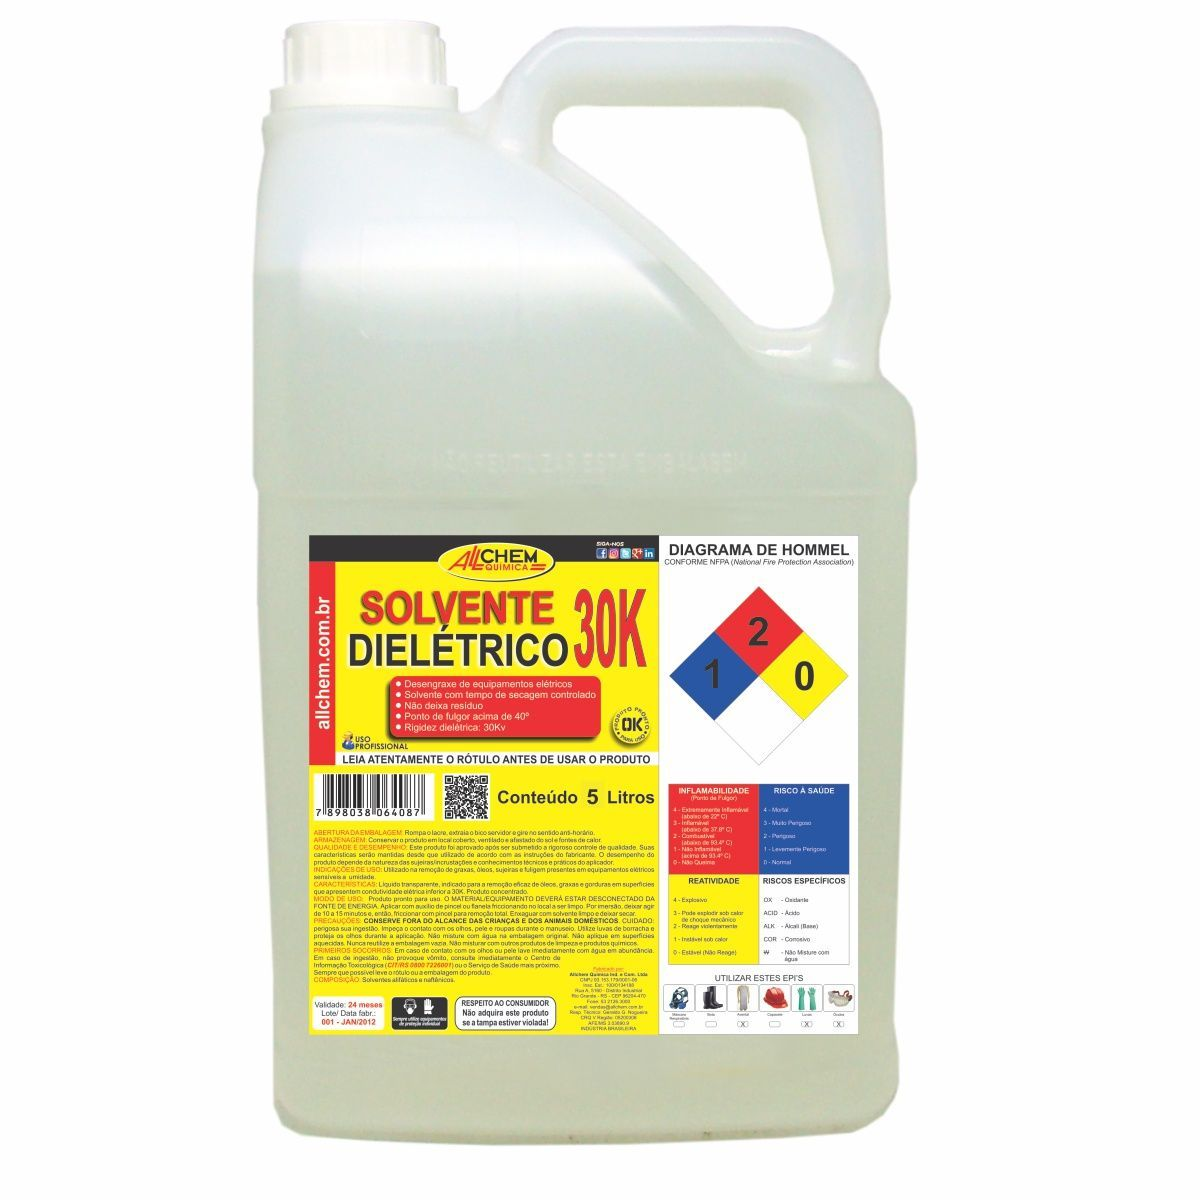 solvente-dieletrico-30k